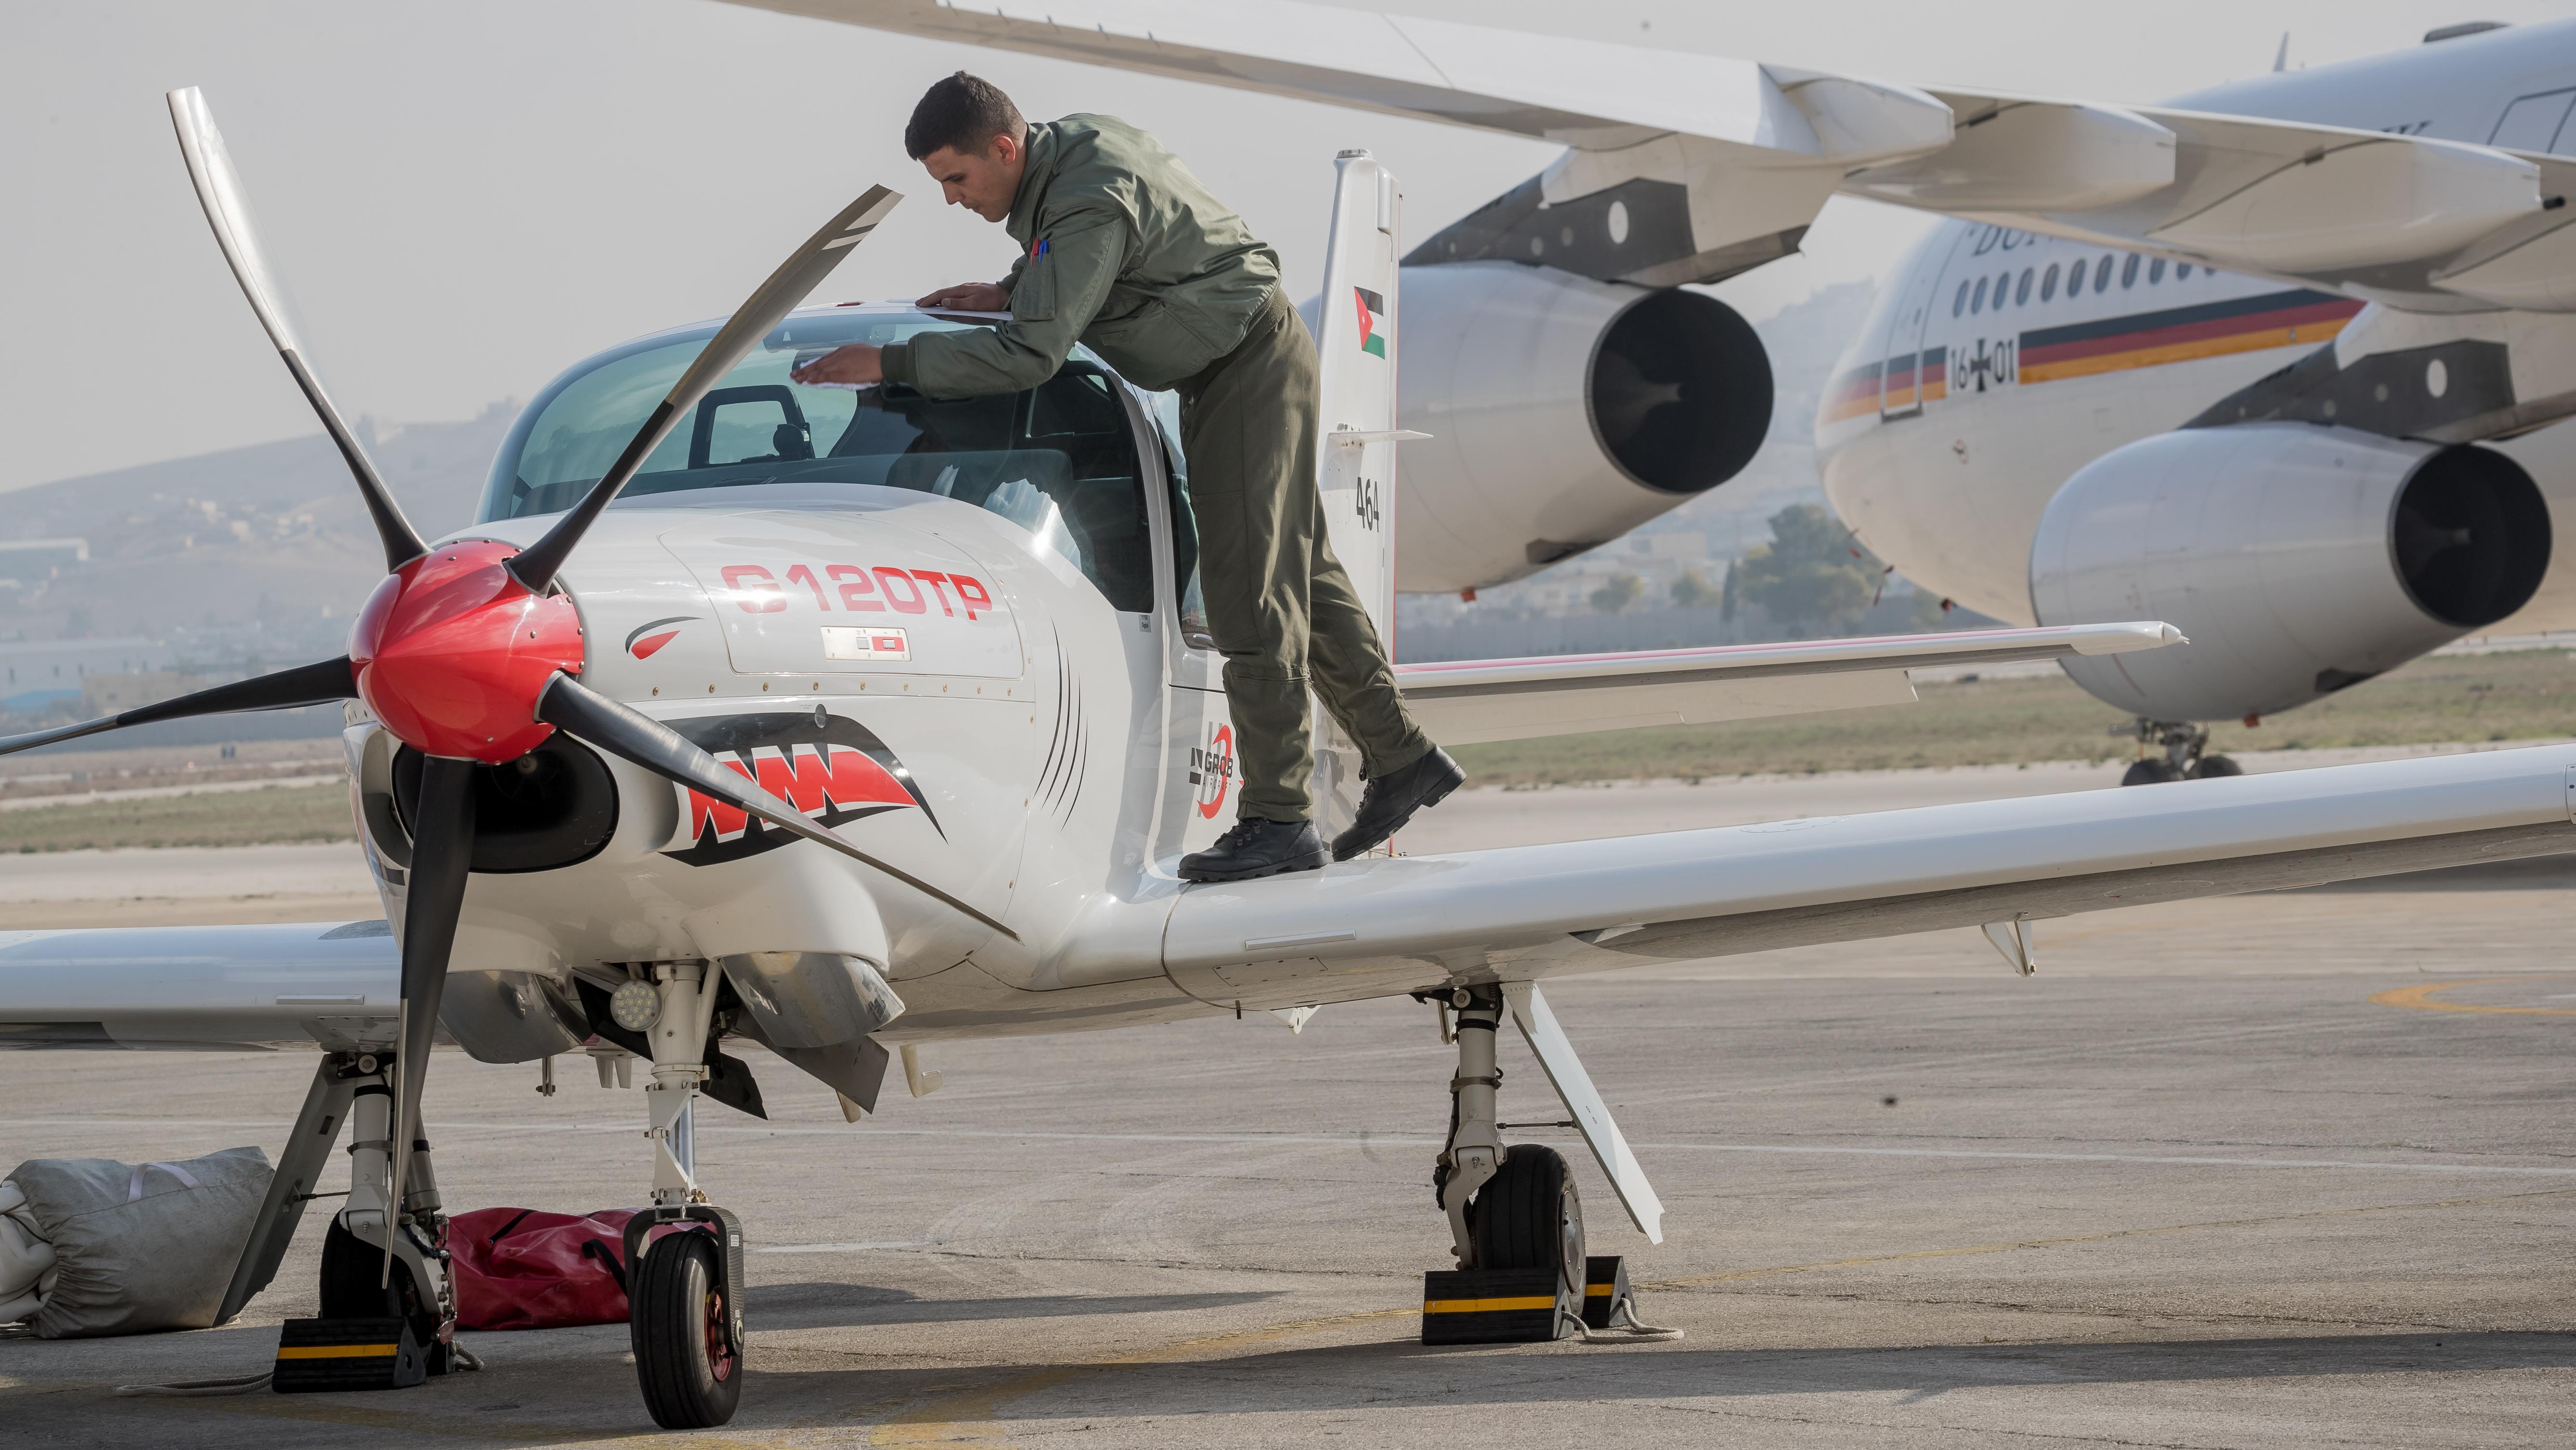 Ein Trainingsflugzeug vom Typ Grob G120TP steht auf der Luftwaffenbasis Marka IAP in Amman in Jordanien. Auf einem Flügel steht ein Mann